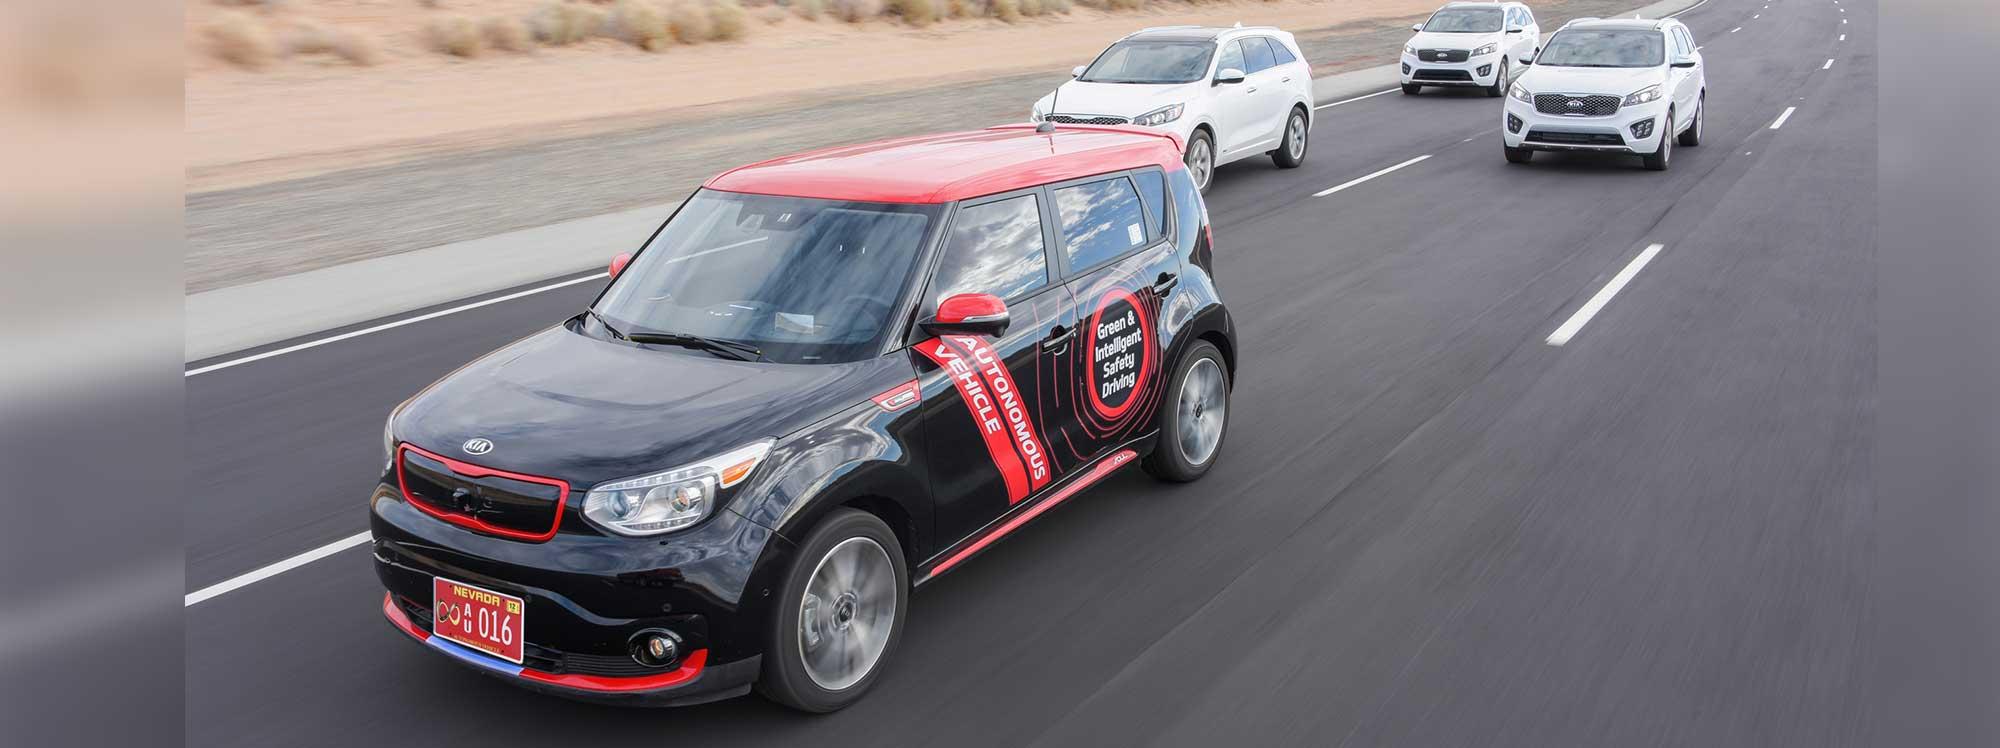 En Ecuador ya se corren competencias automovilísticas de vehículos eléctricos